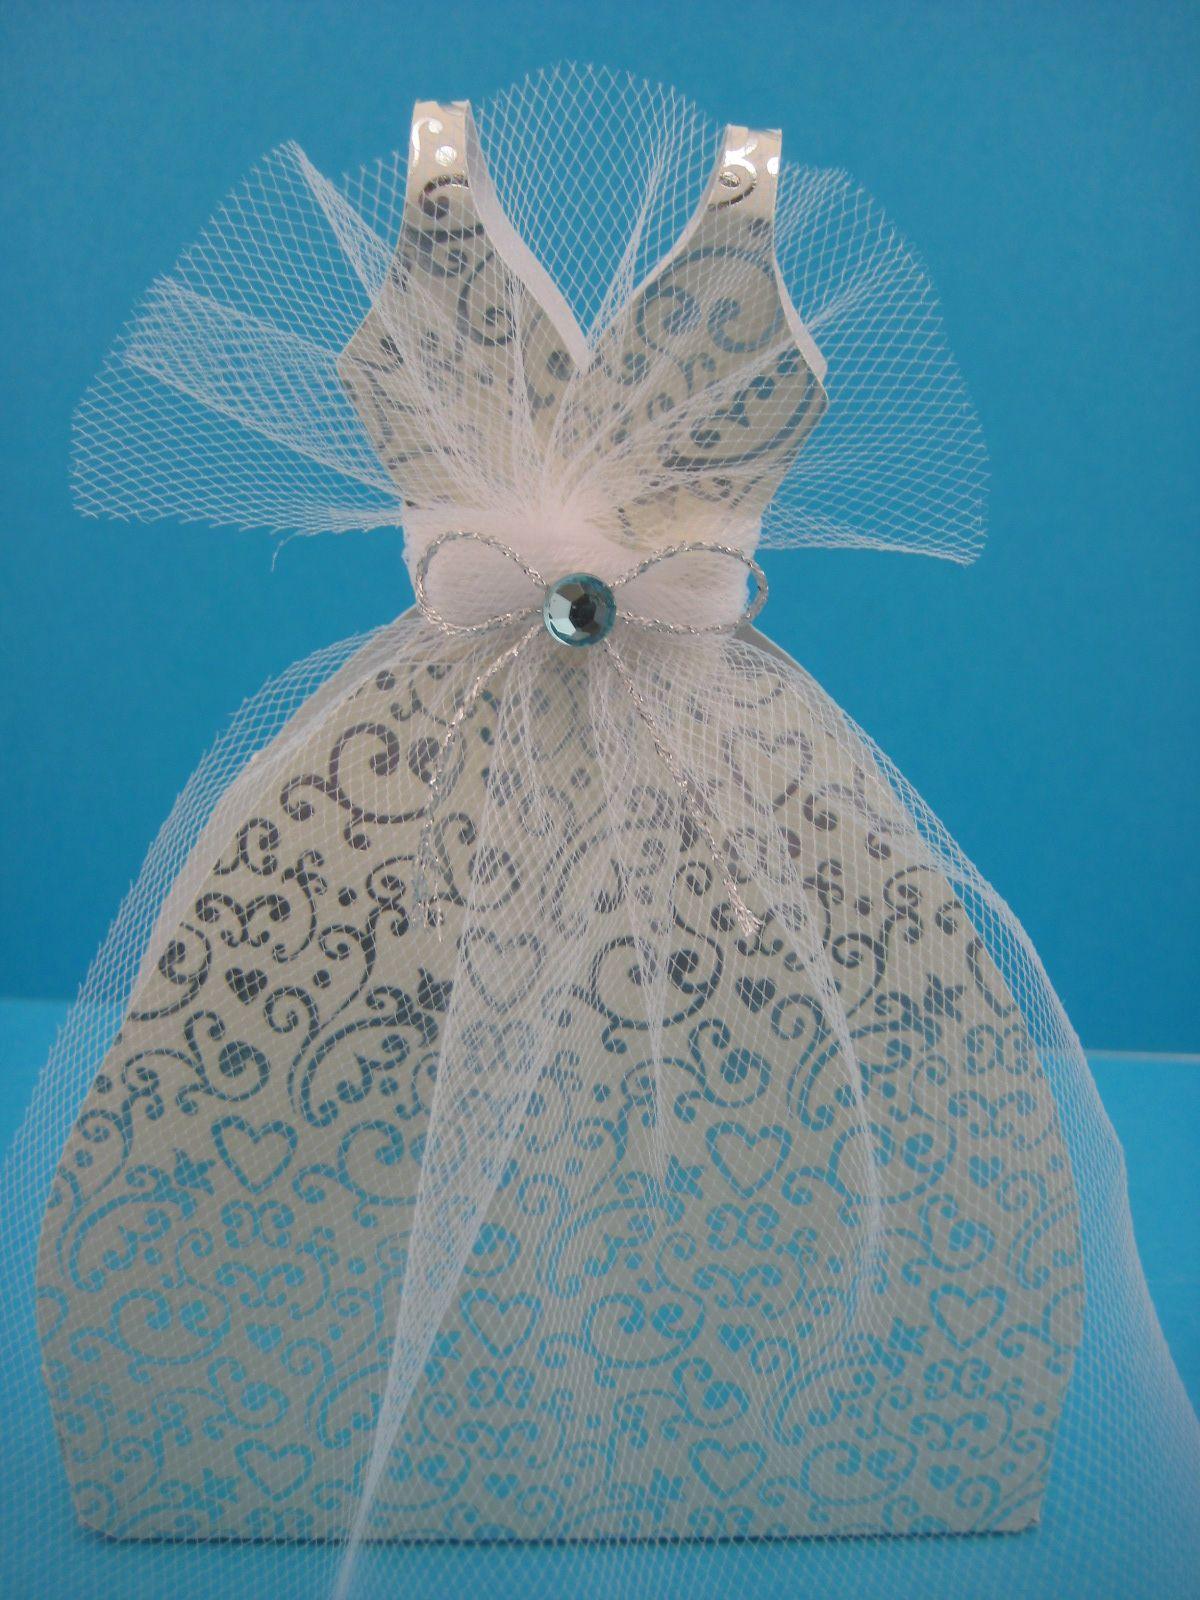 cricut bridal images | My Imagitivity: My Cricut Craft Room - 3D ...